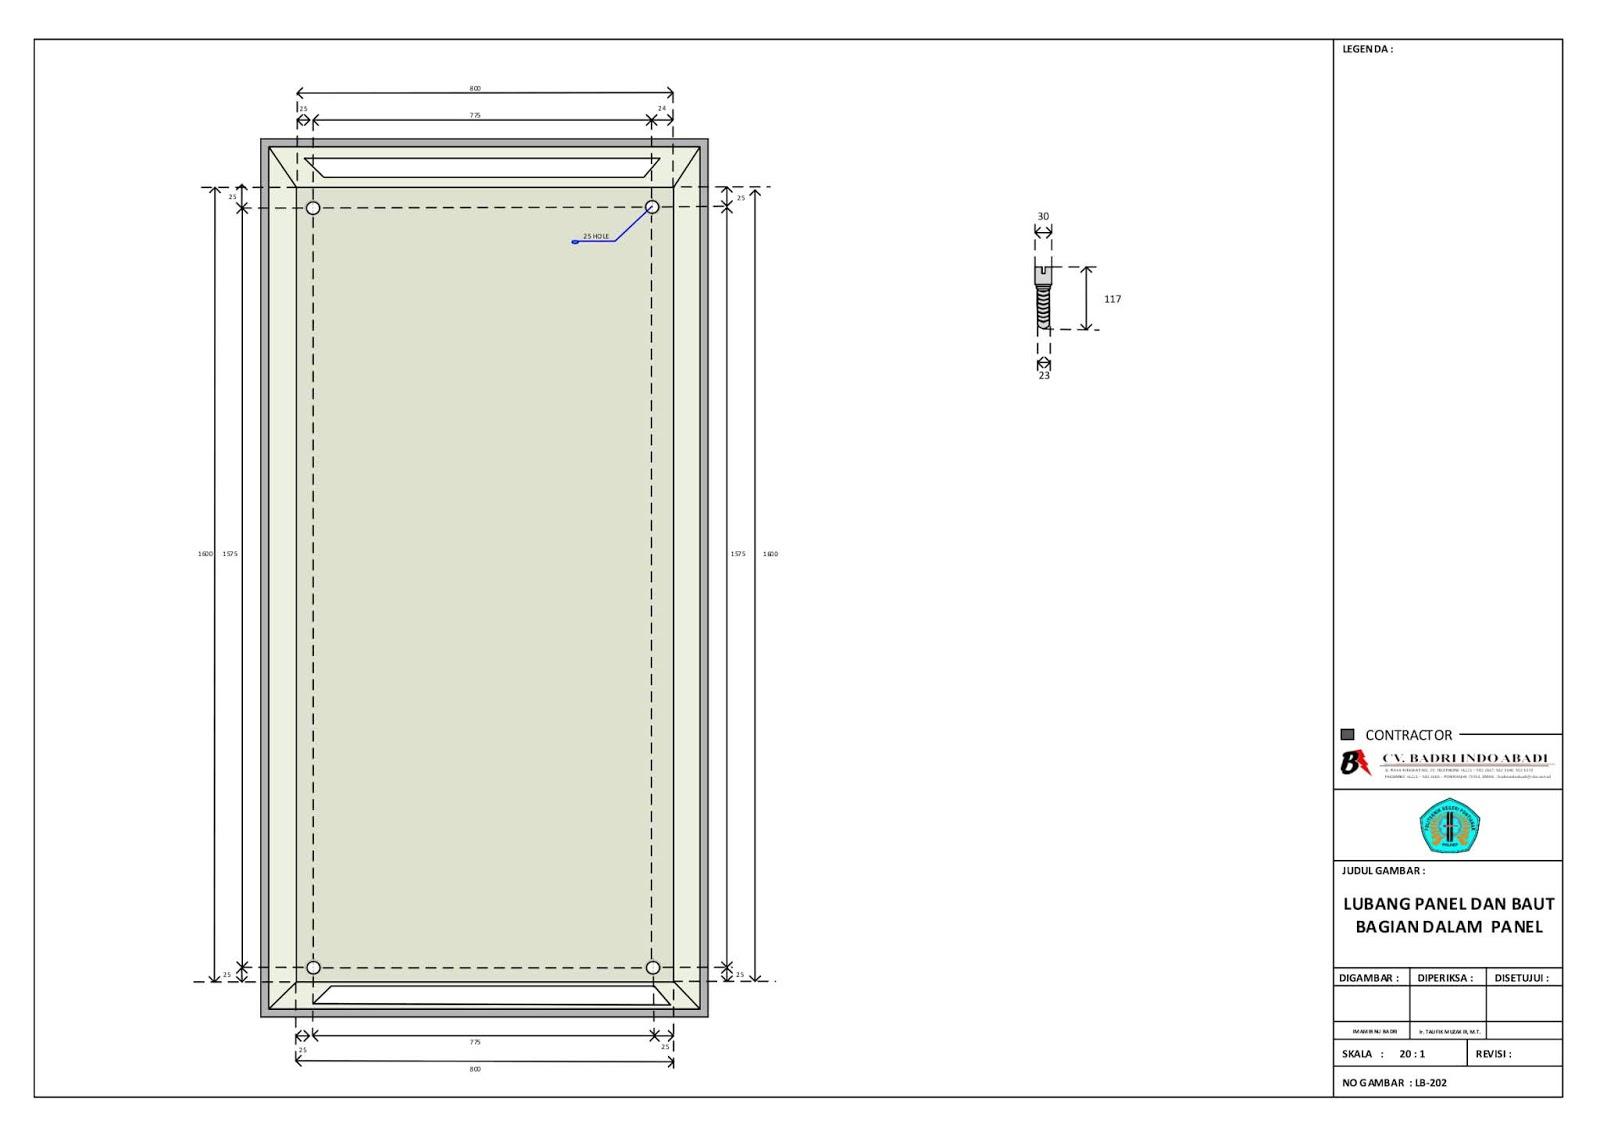 Lubang Panel dan Baut Bagian Dalam Panel